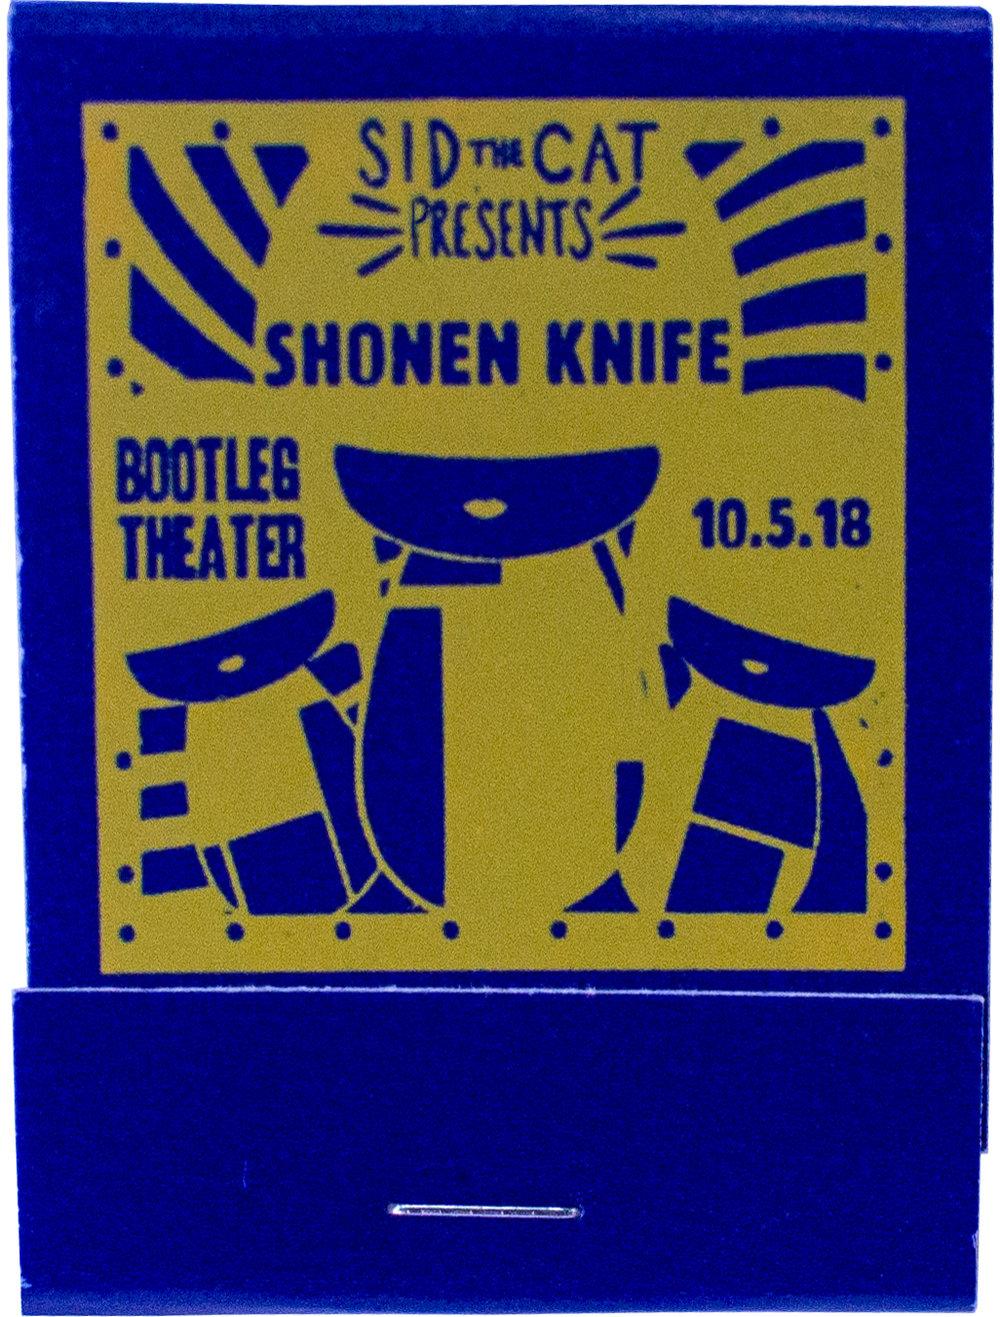 2018.10.5 Shonen Knife.jpg